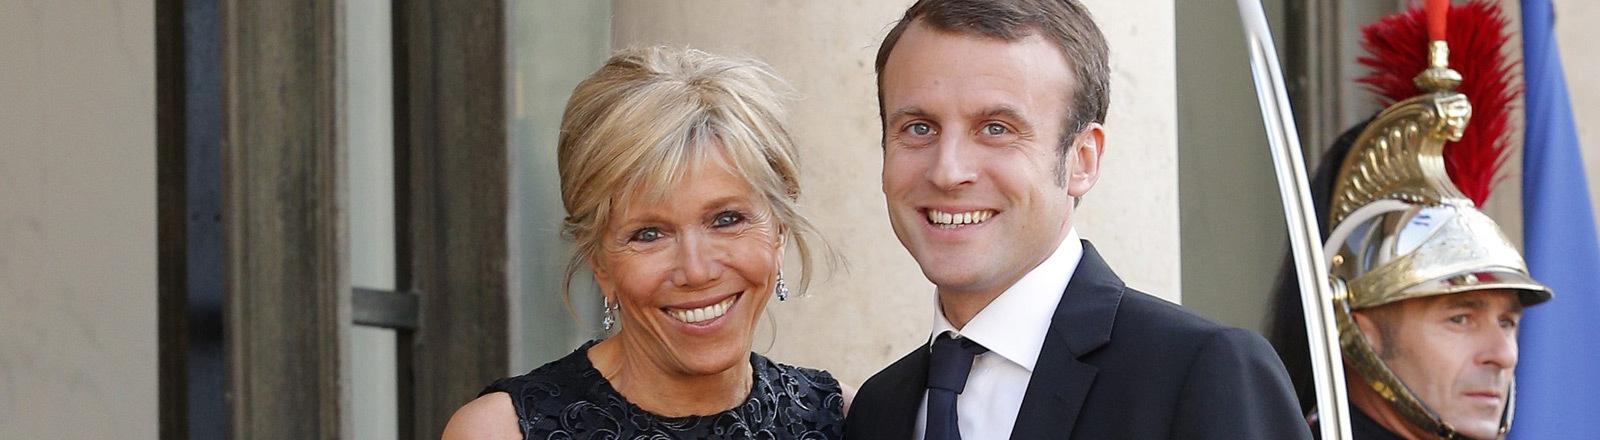 Brigitte Trogneux und Emmanuel Macron